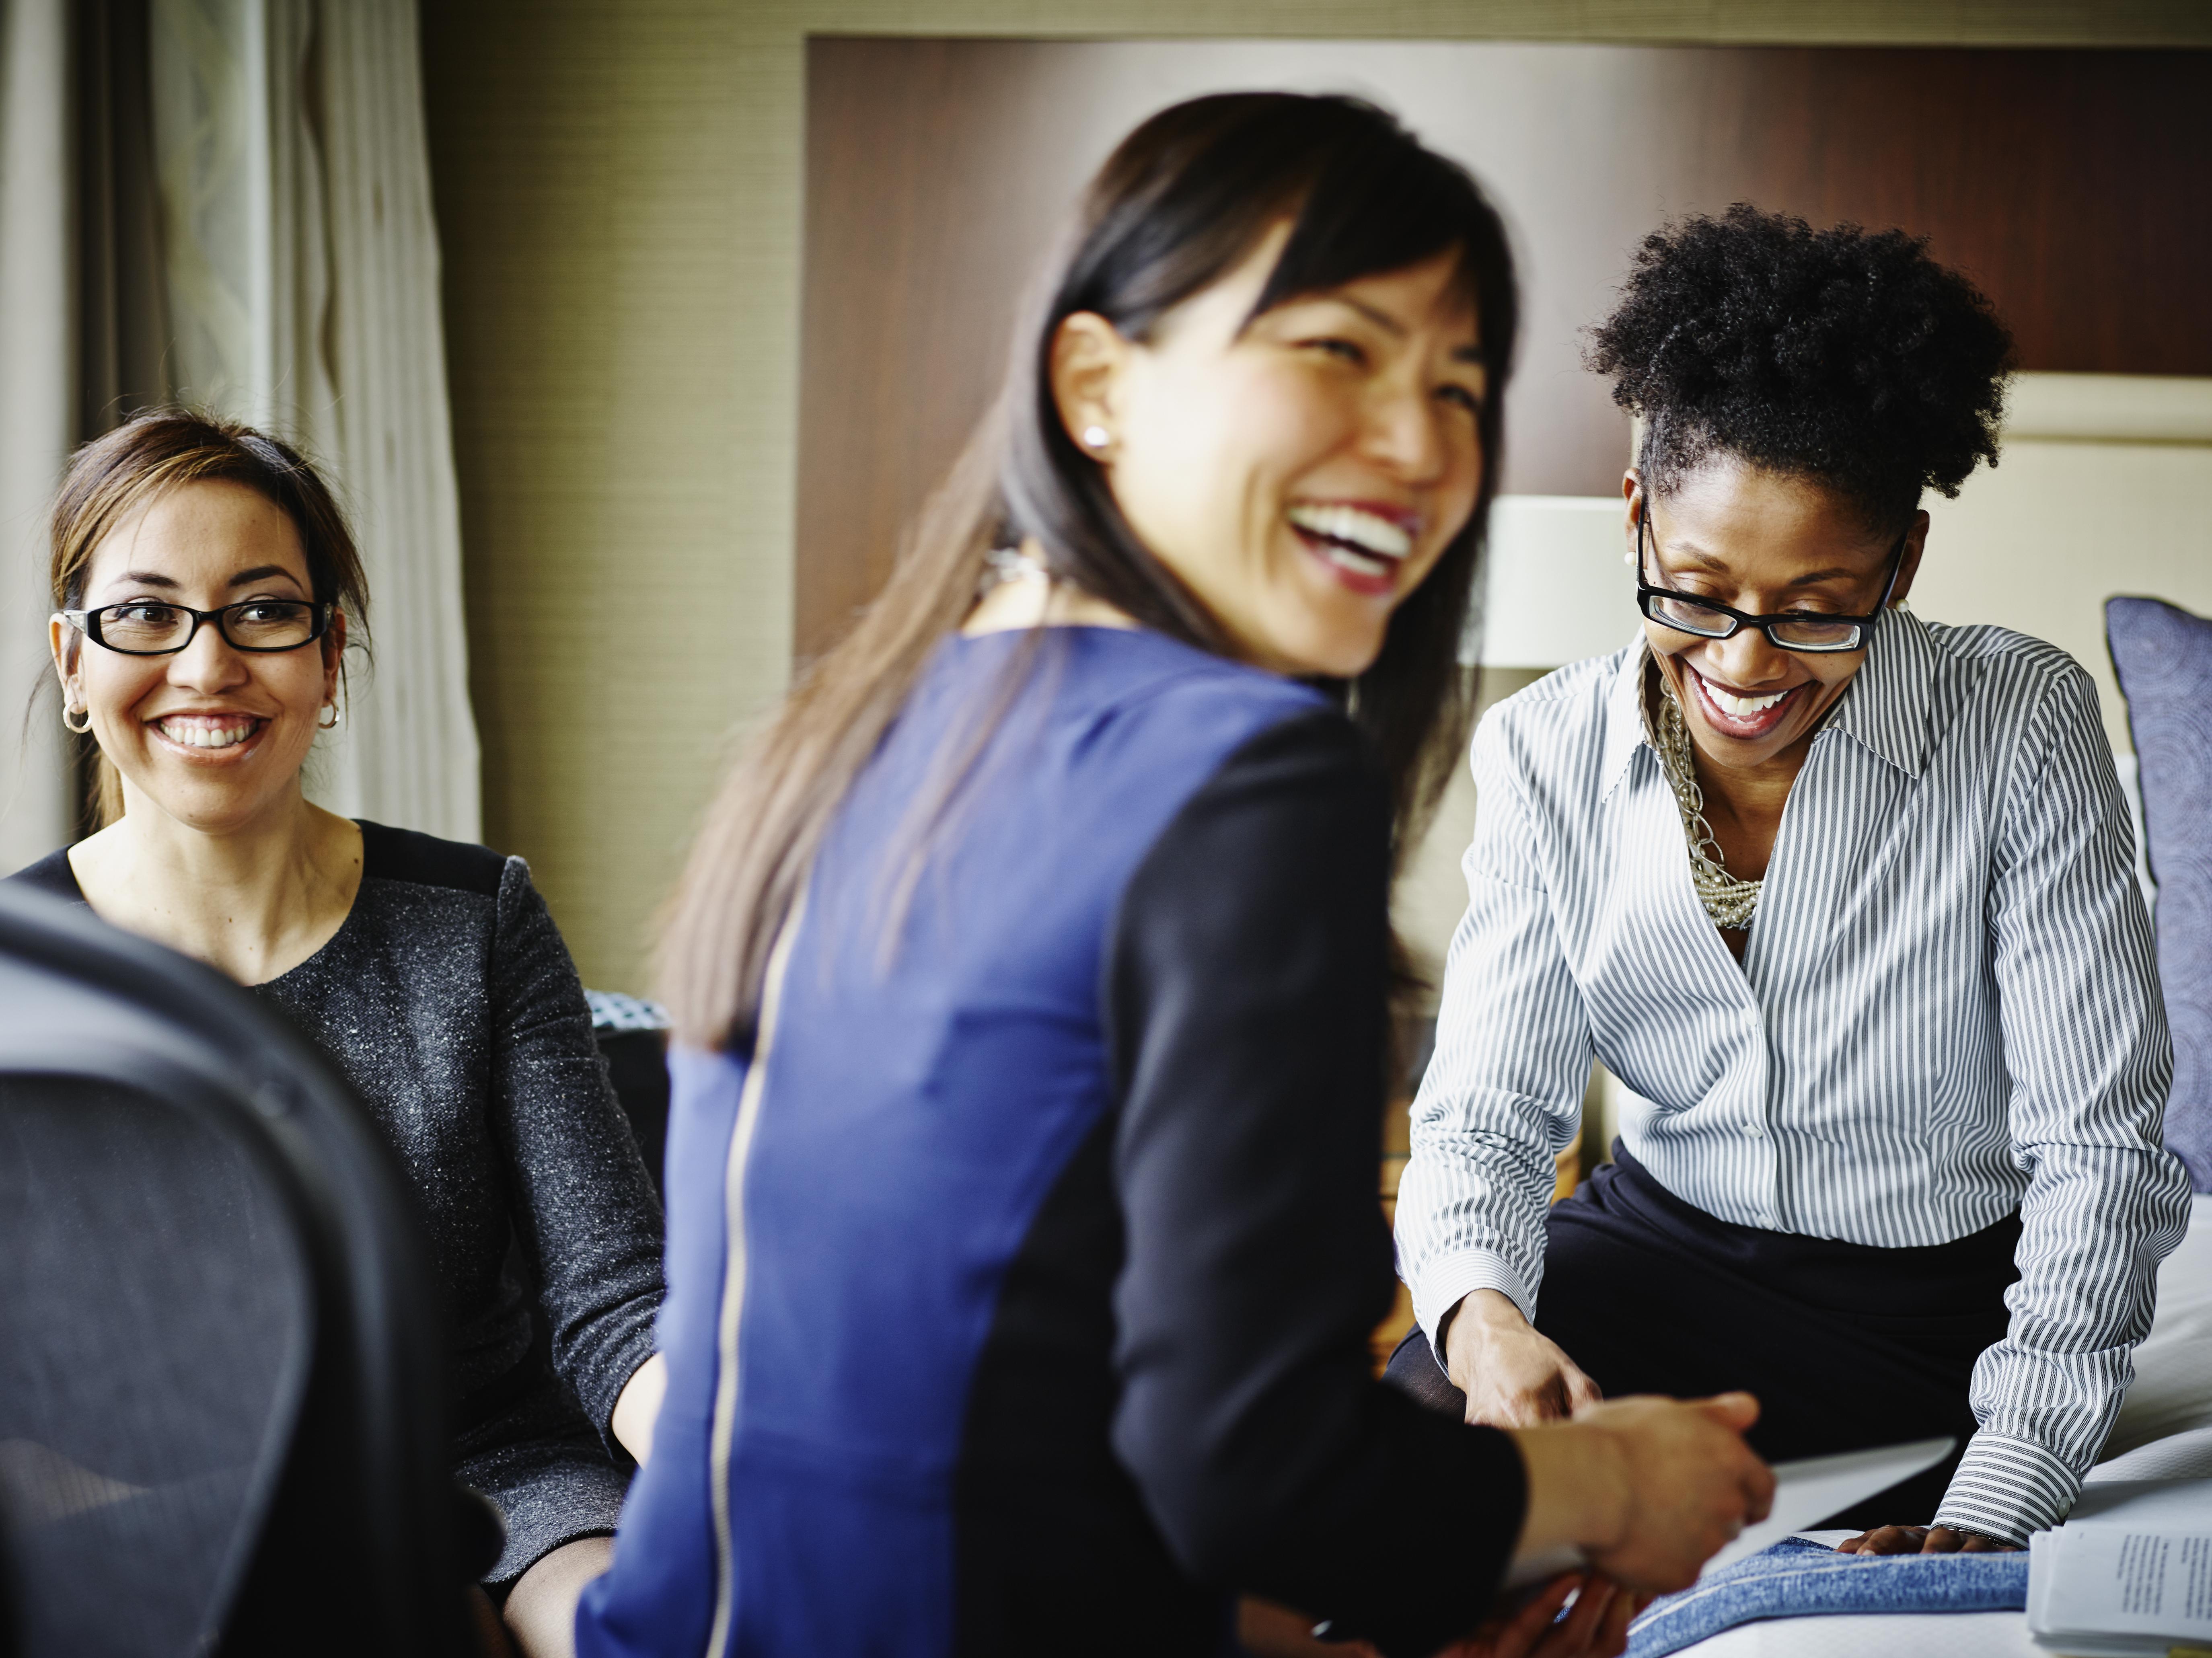 Three smiling businesswomen working in hotel suite